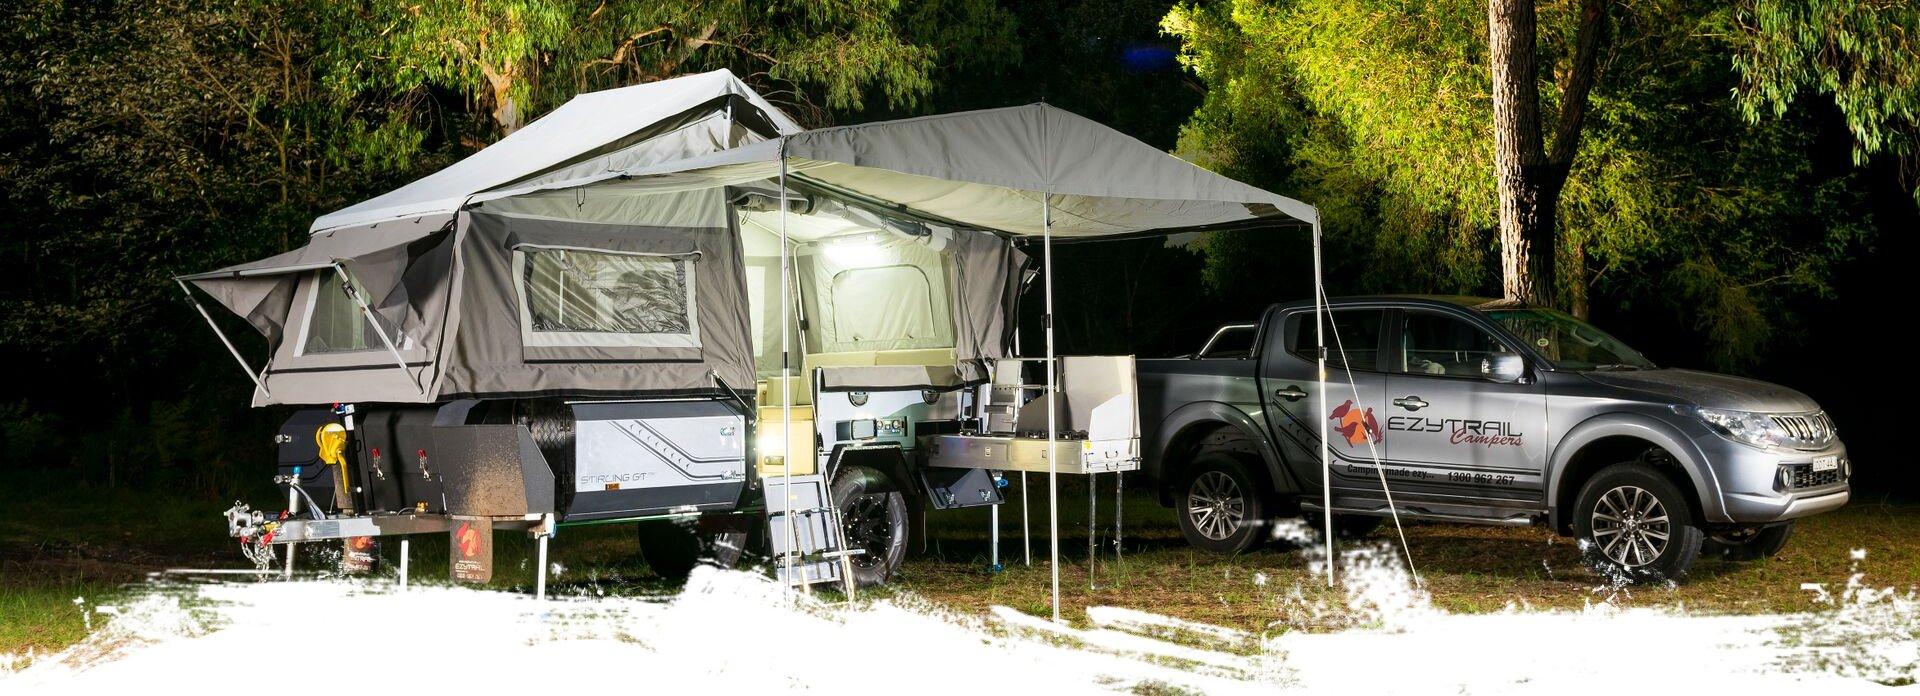 Ezytrail Camper Trailers – Camper Trailers in Australia